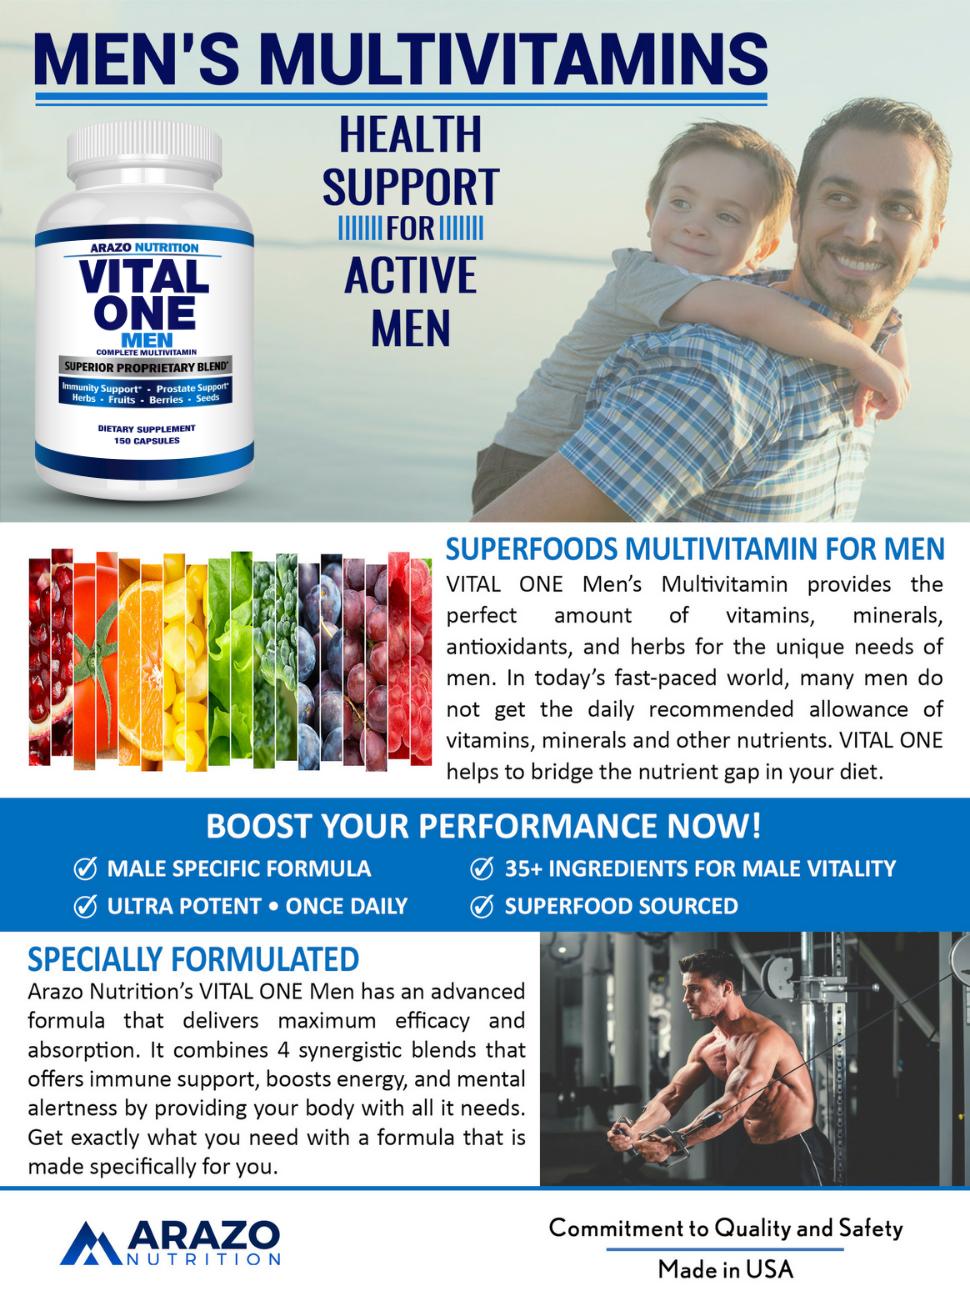 VITAL ONE Multivitamin for Men